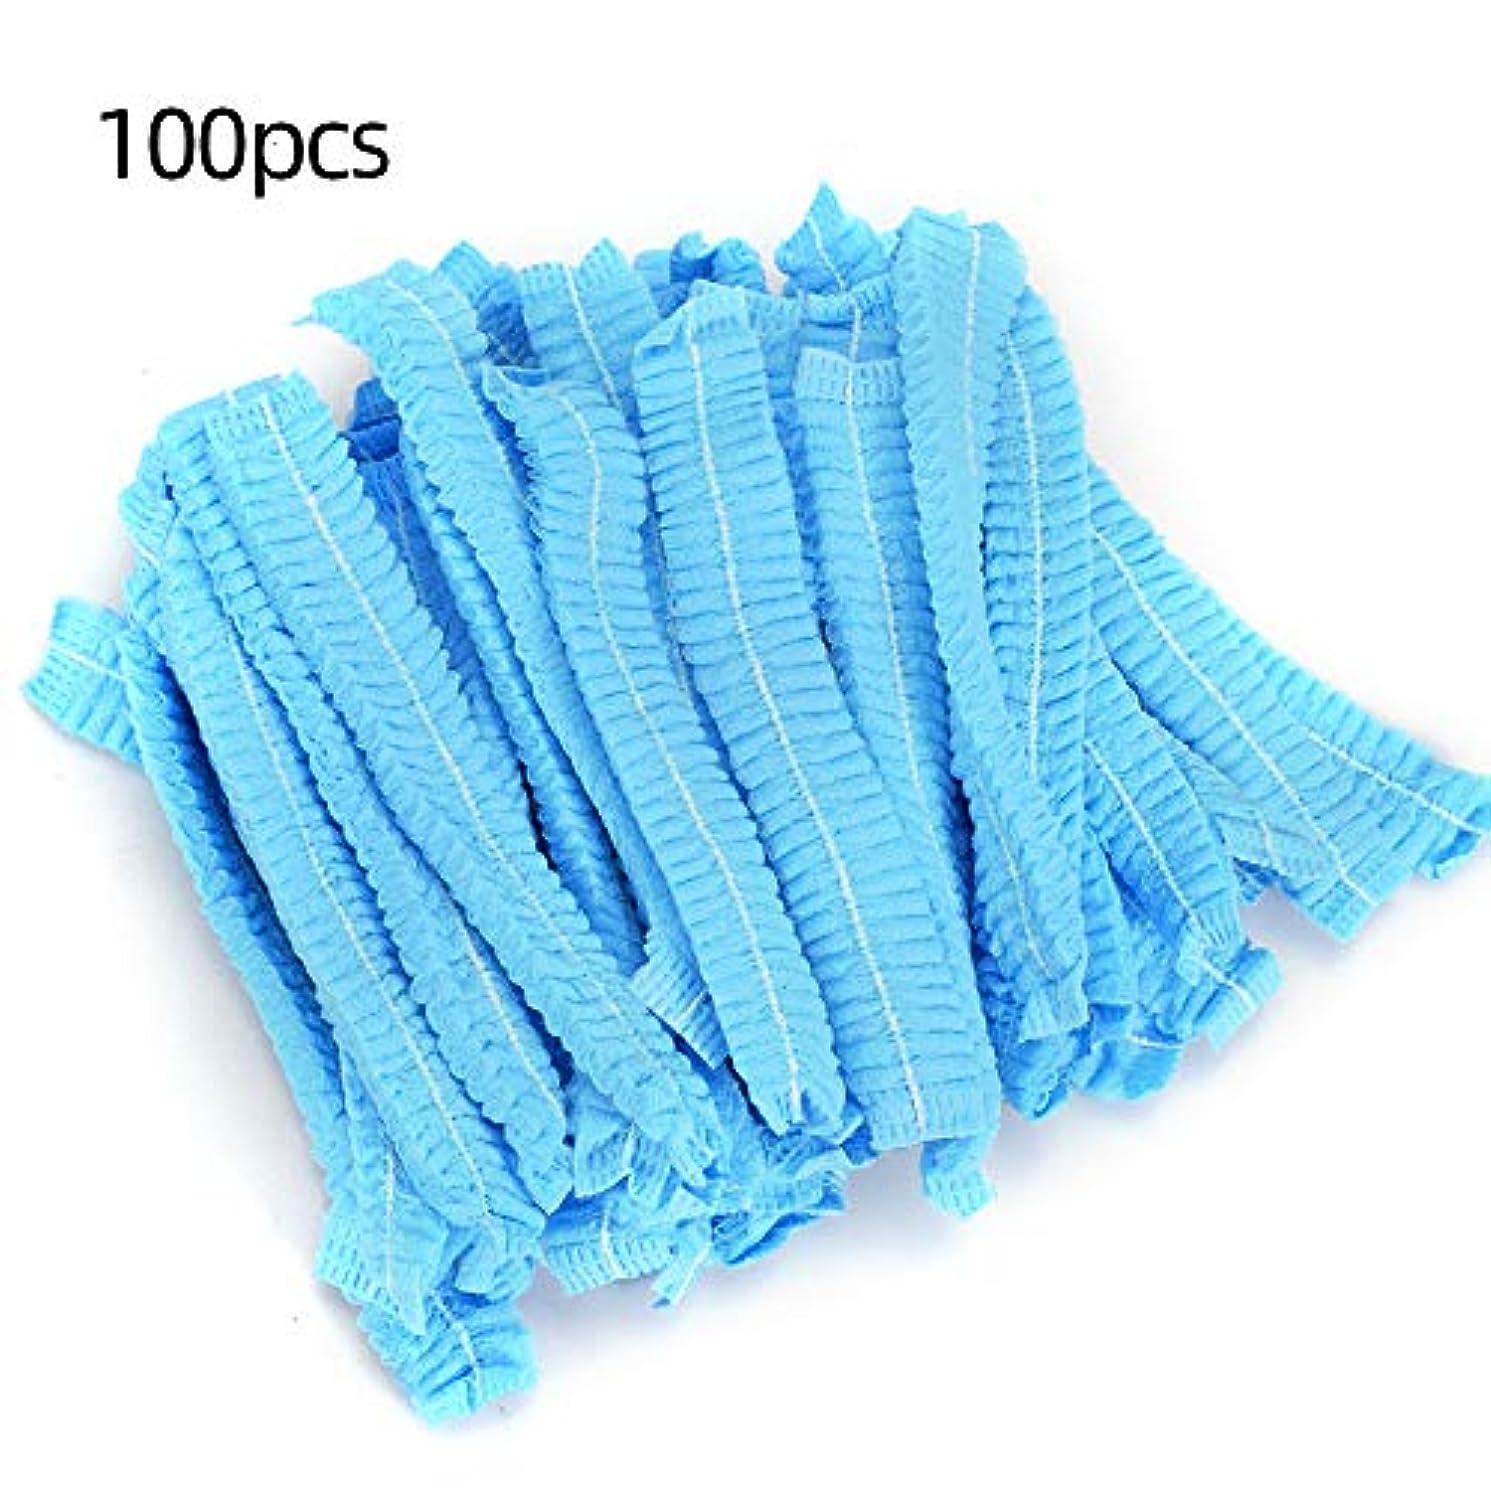 シェルター踊り子カタログATOMUS使い捨てキャップ ヘアネットキャップ 伸縮性フリーサイズ 通気性の防塵使い捨てヘッドカバー 化粧品 美容、キッチン、料理、家庭産業、病院用 (100個)